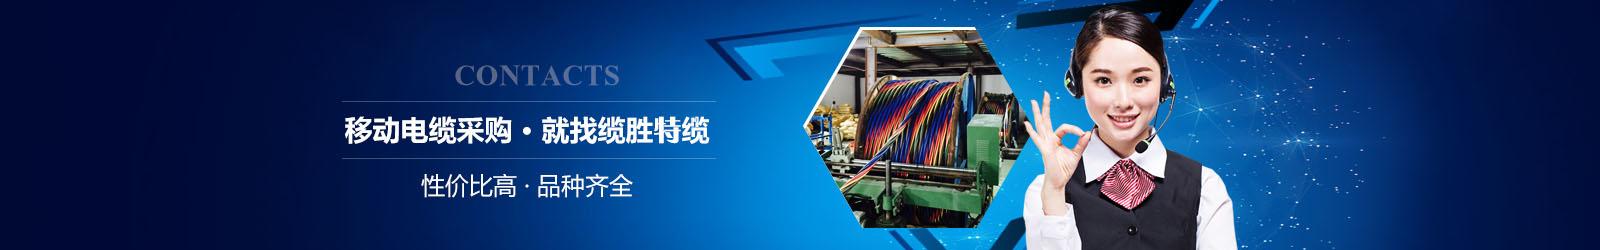 移动电缆采购-就找缆胜电缆